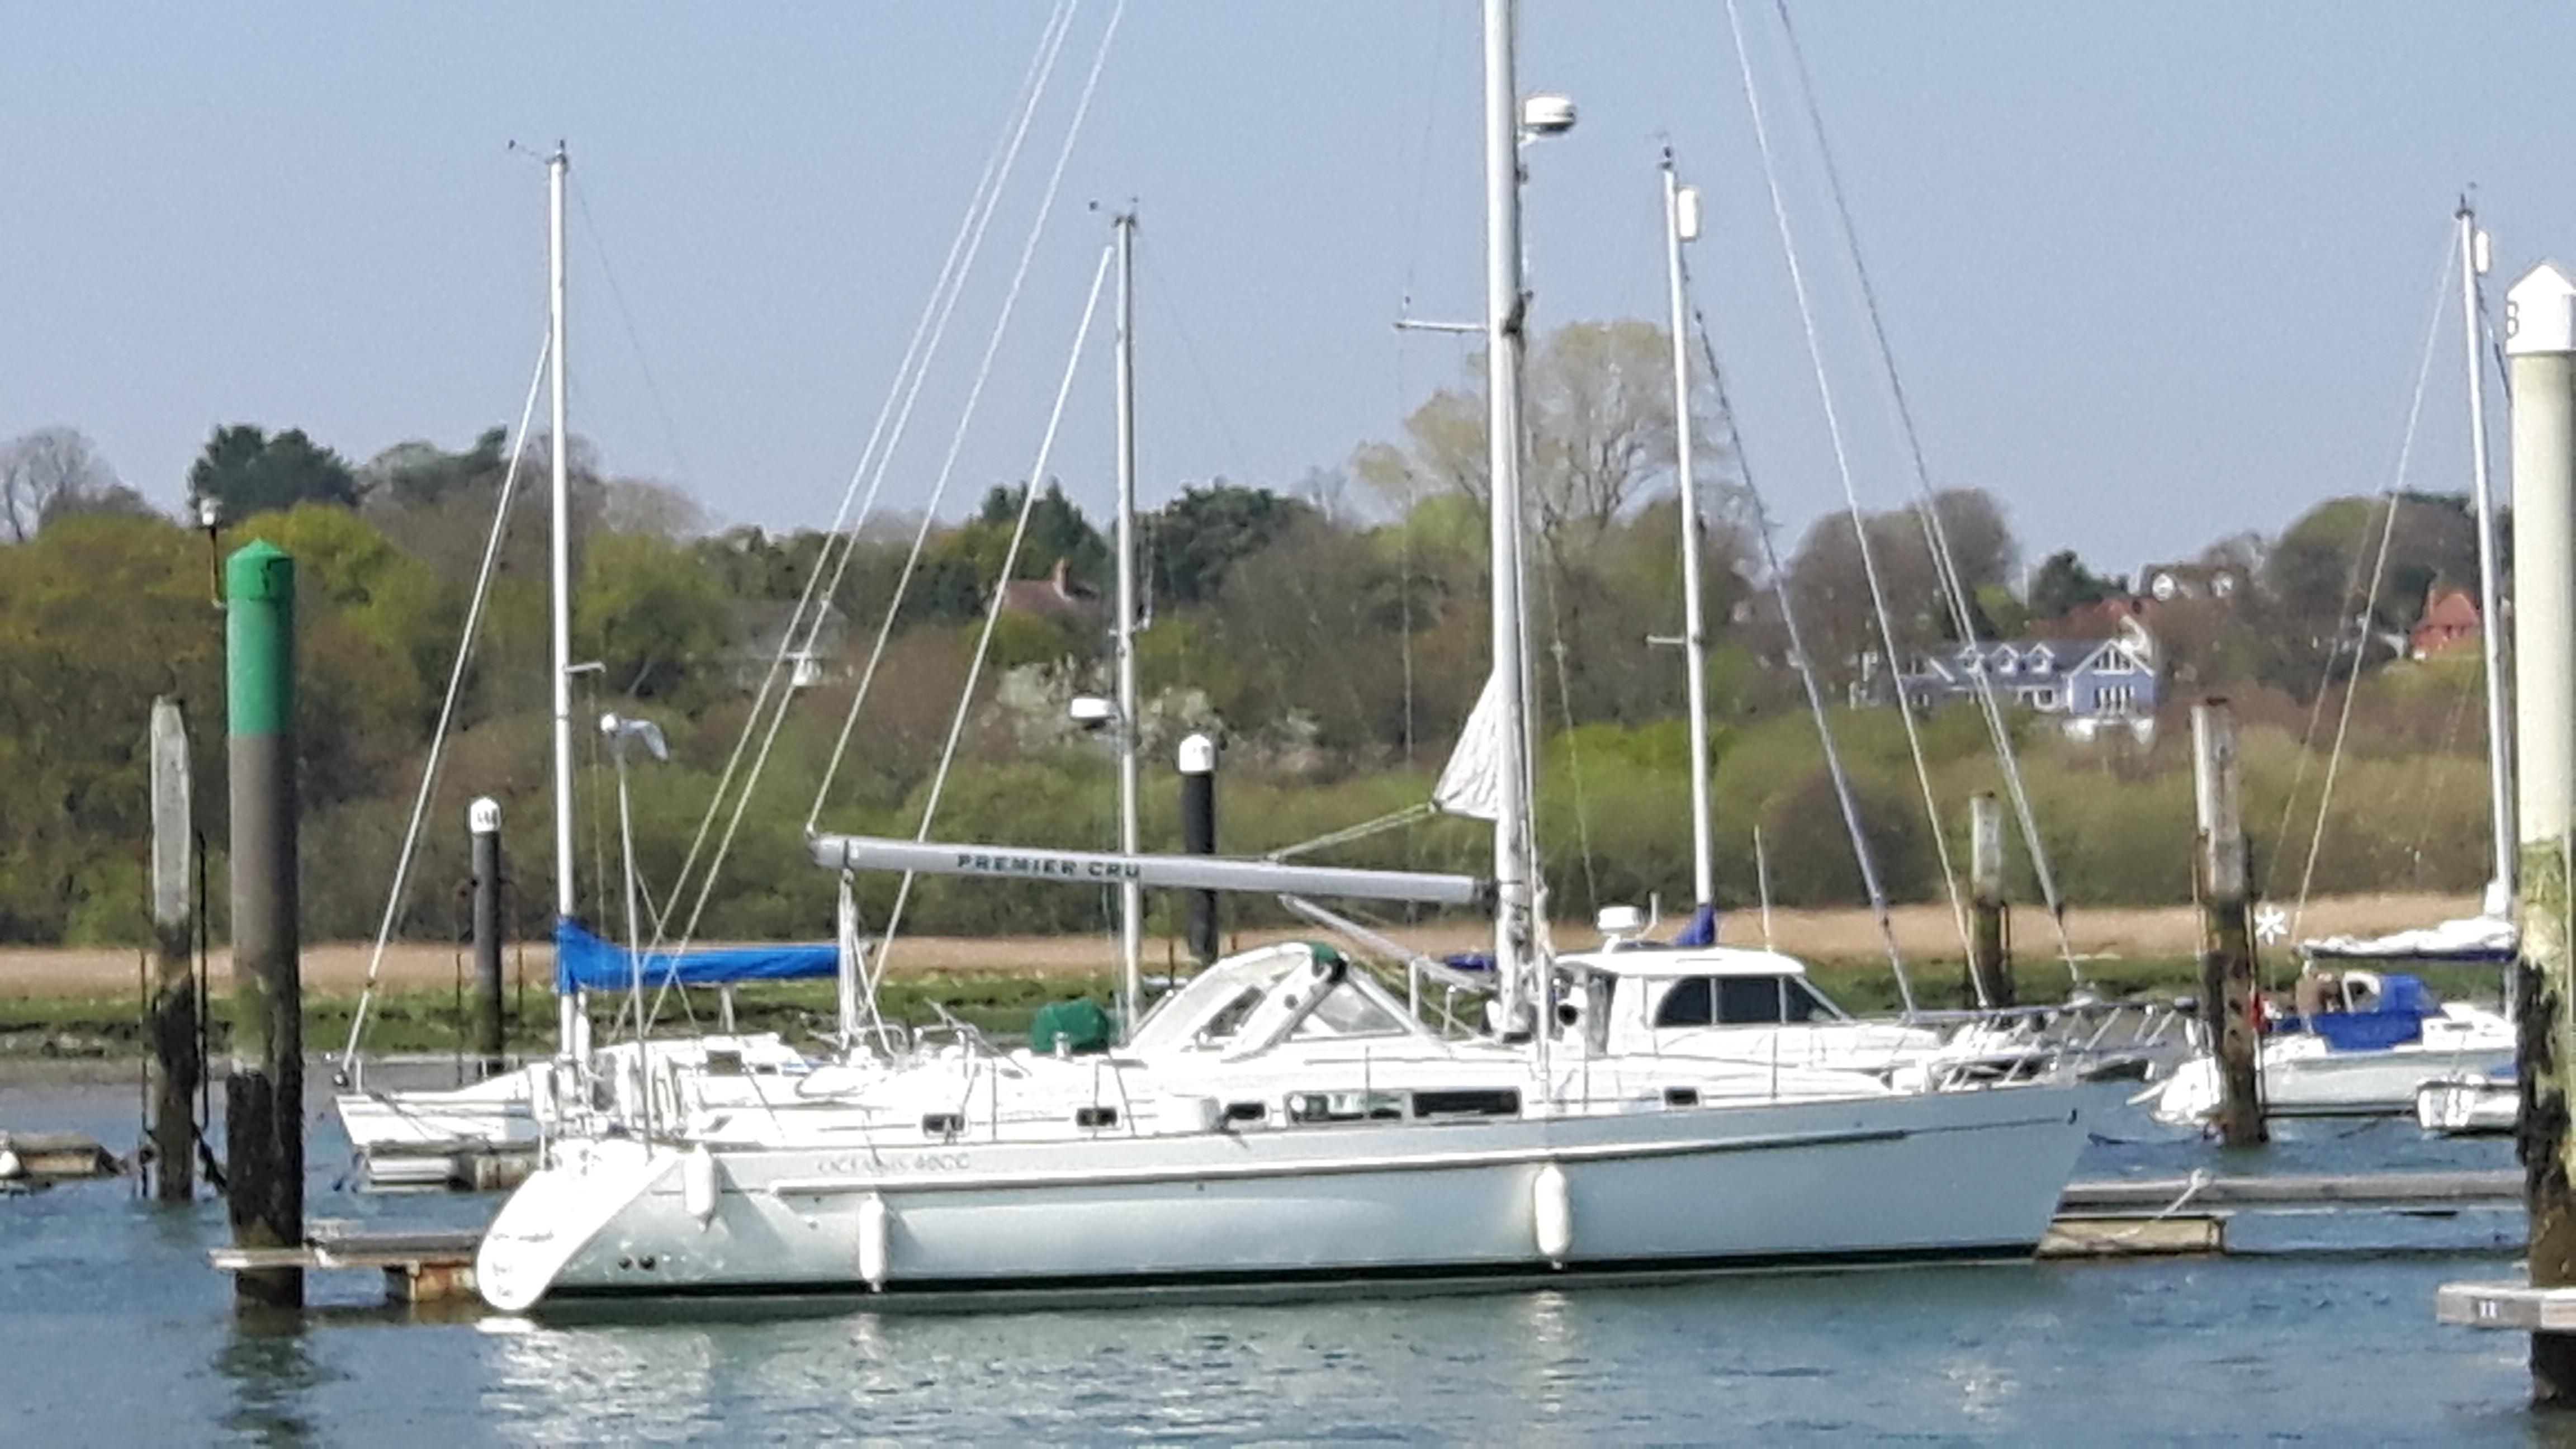 2000 Beneteau Oceanis 40 CC A vela Barco en venta - www ...